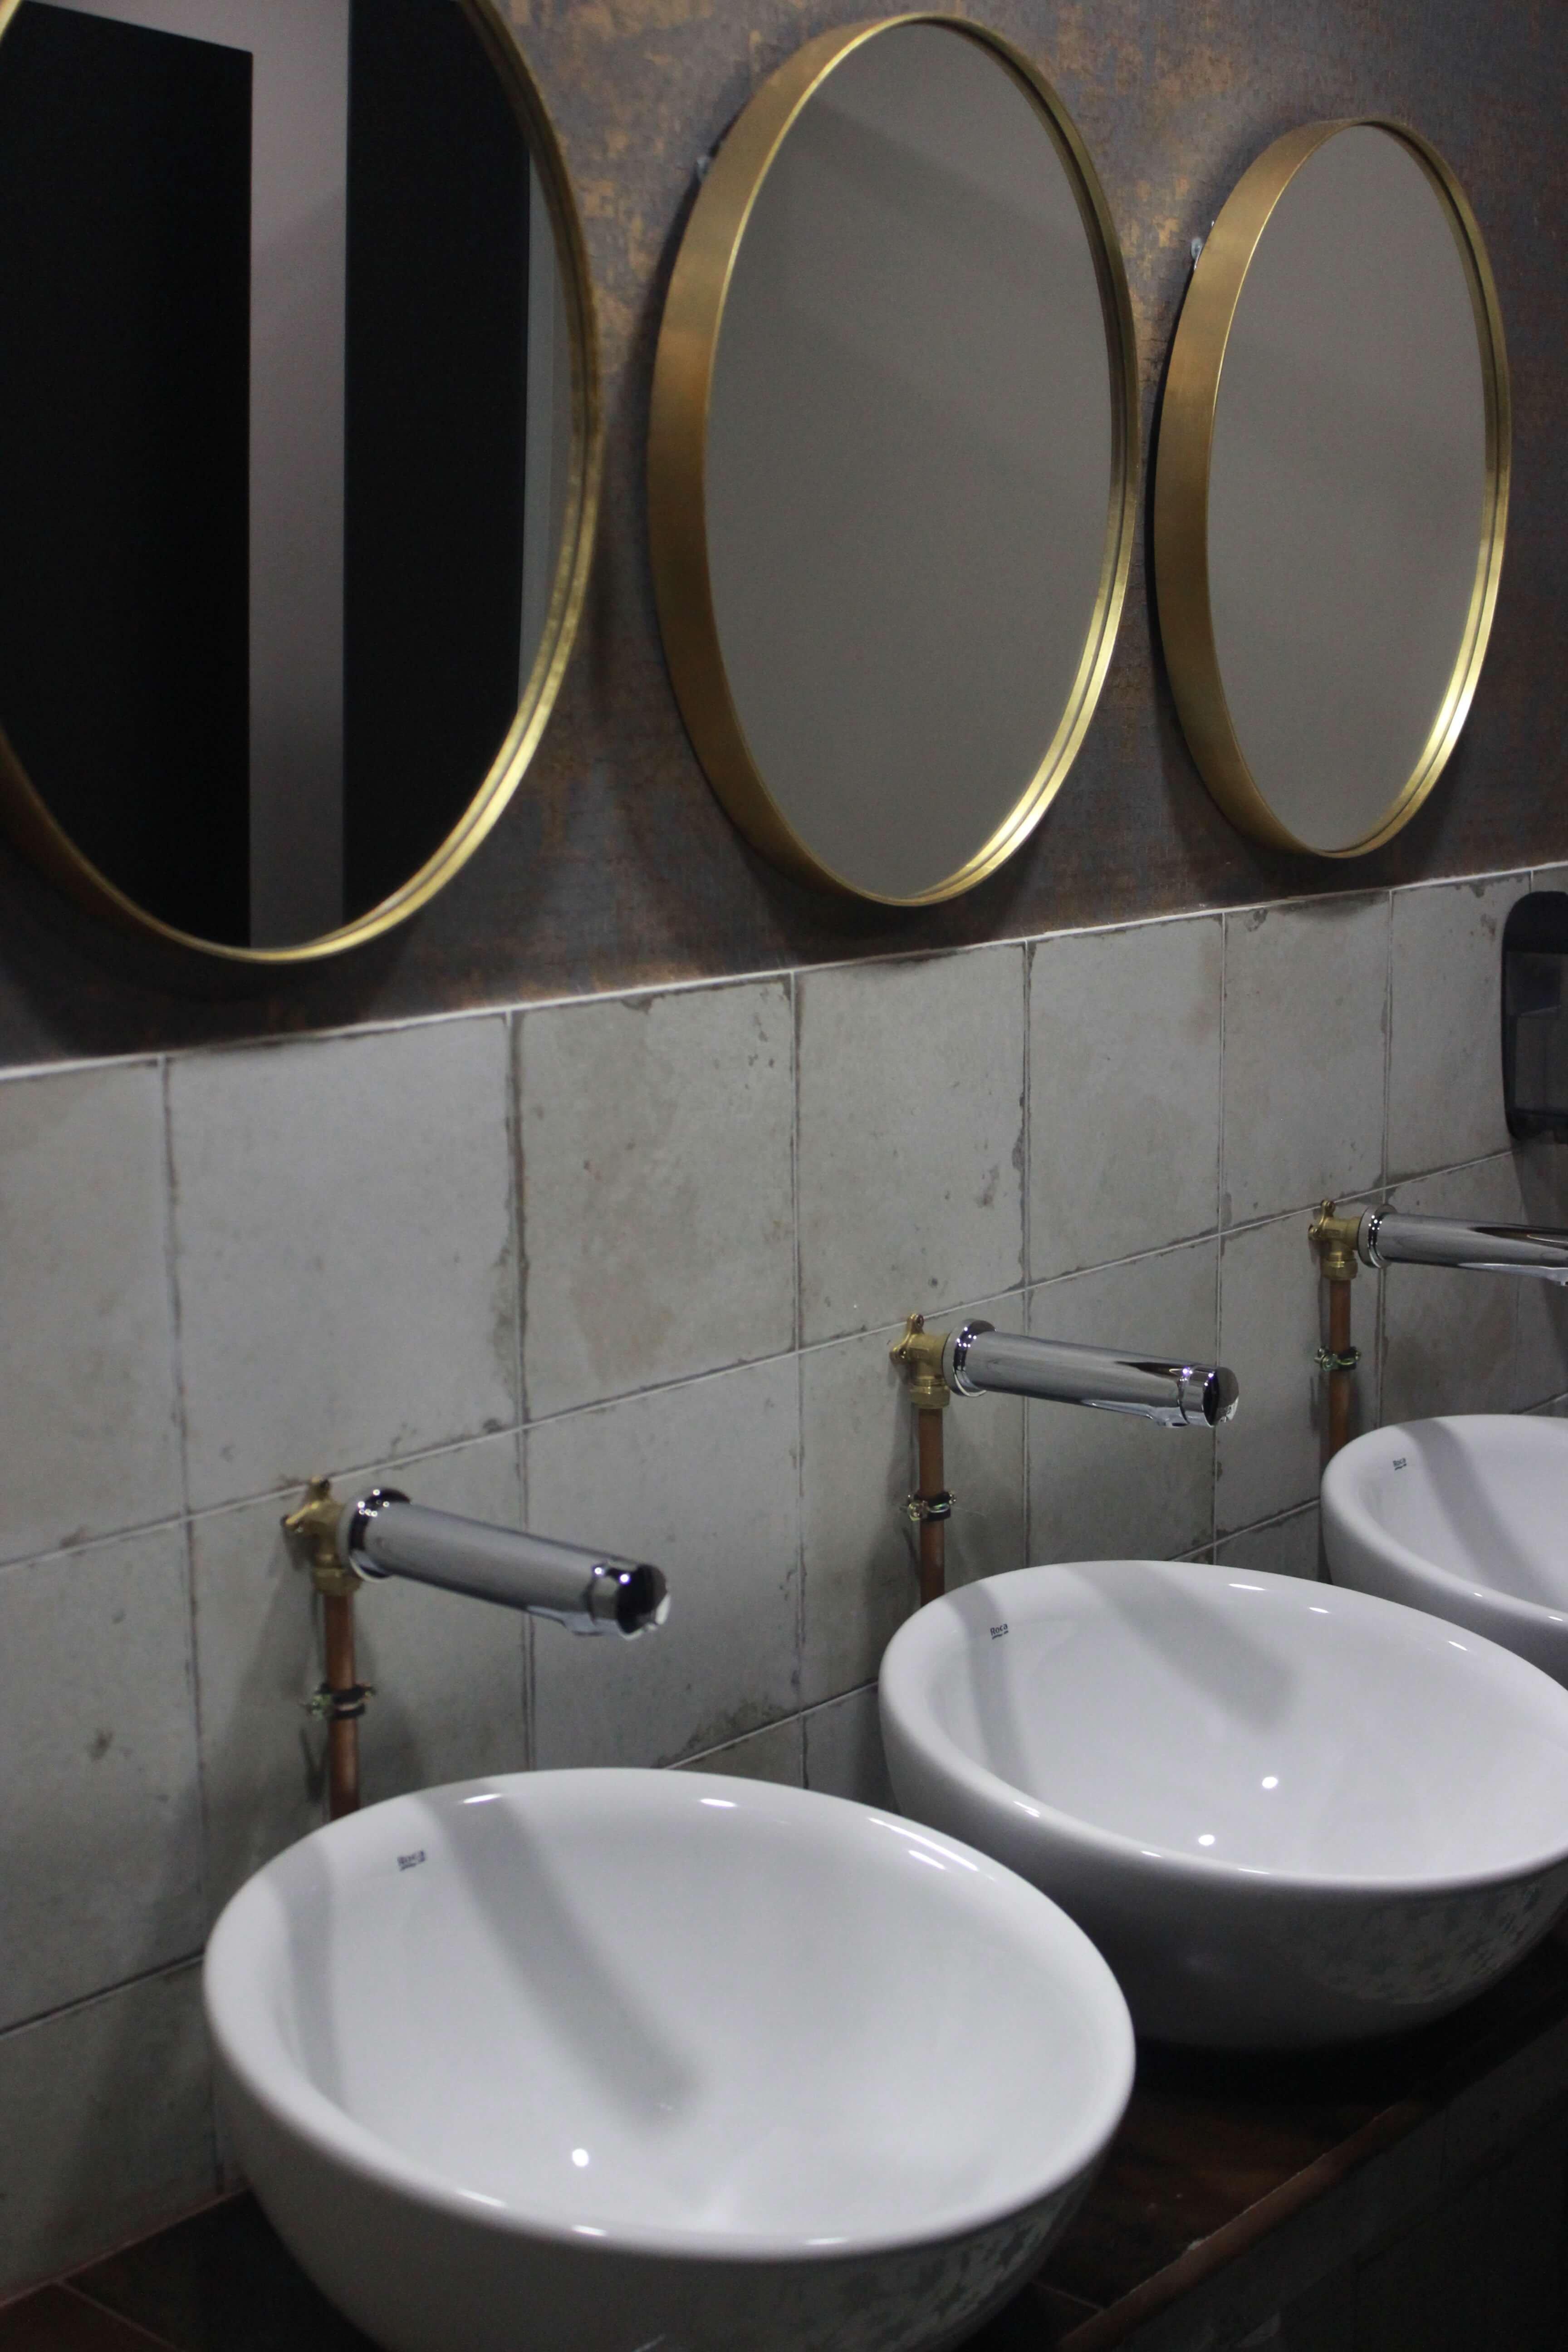 Detalles de los lavamanos de los aseos